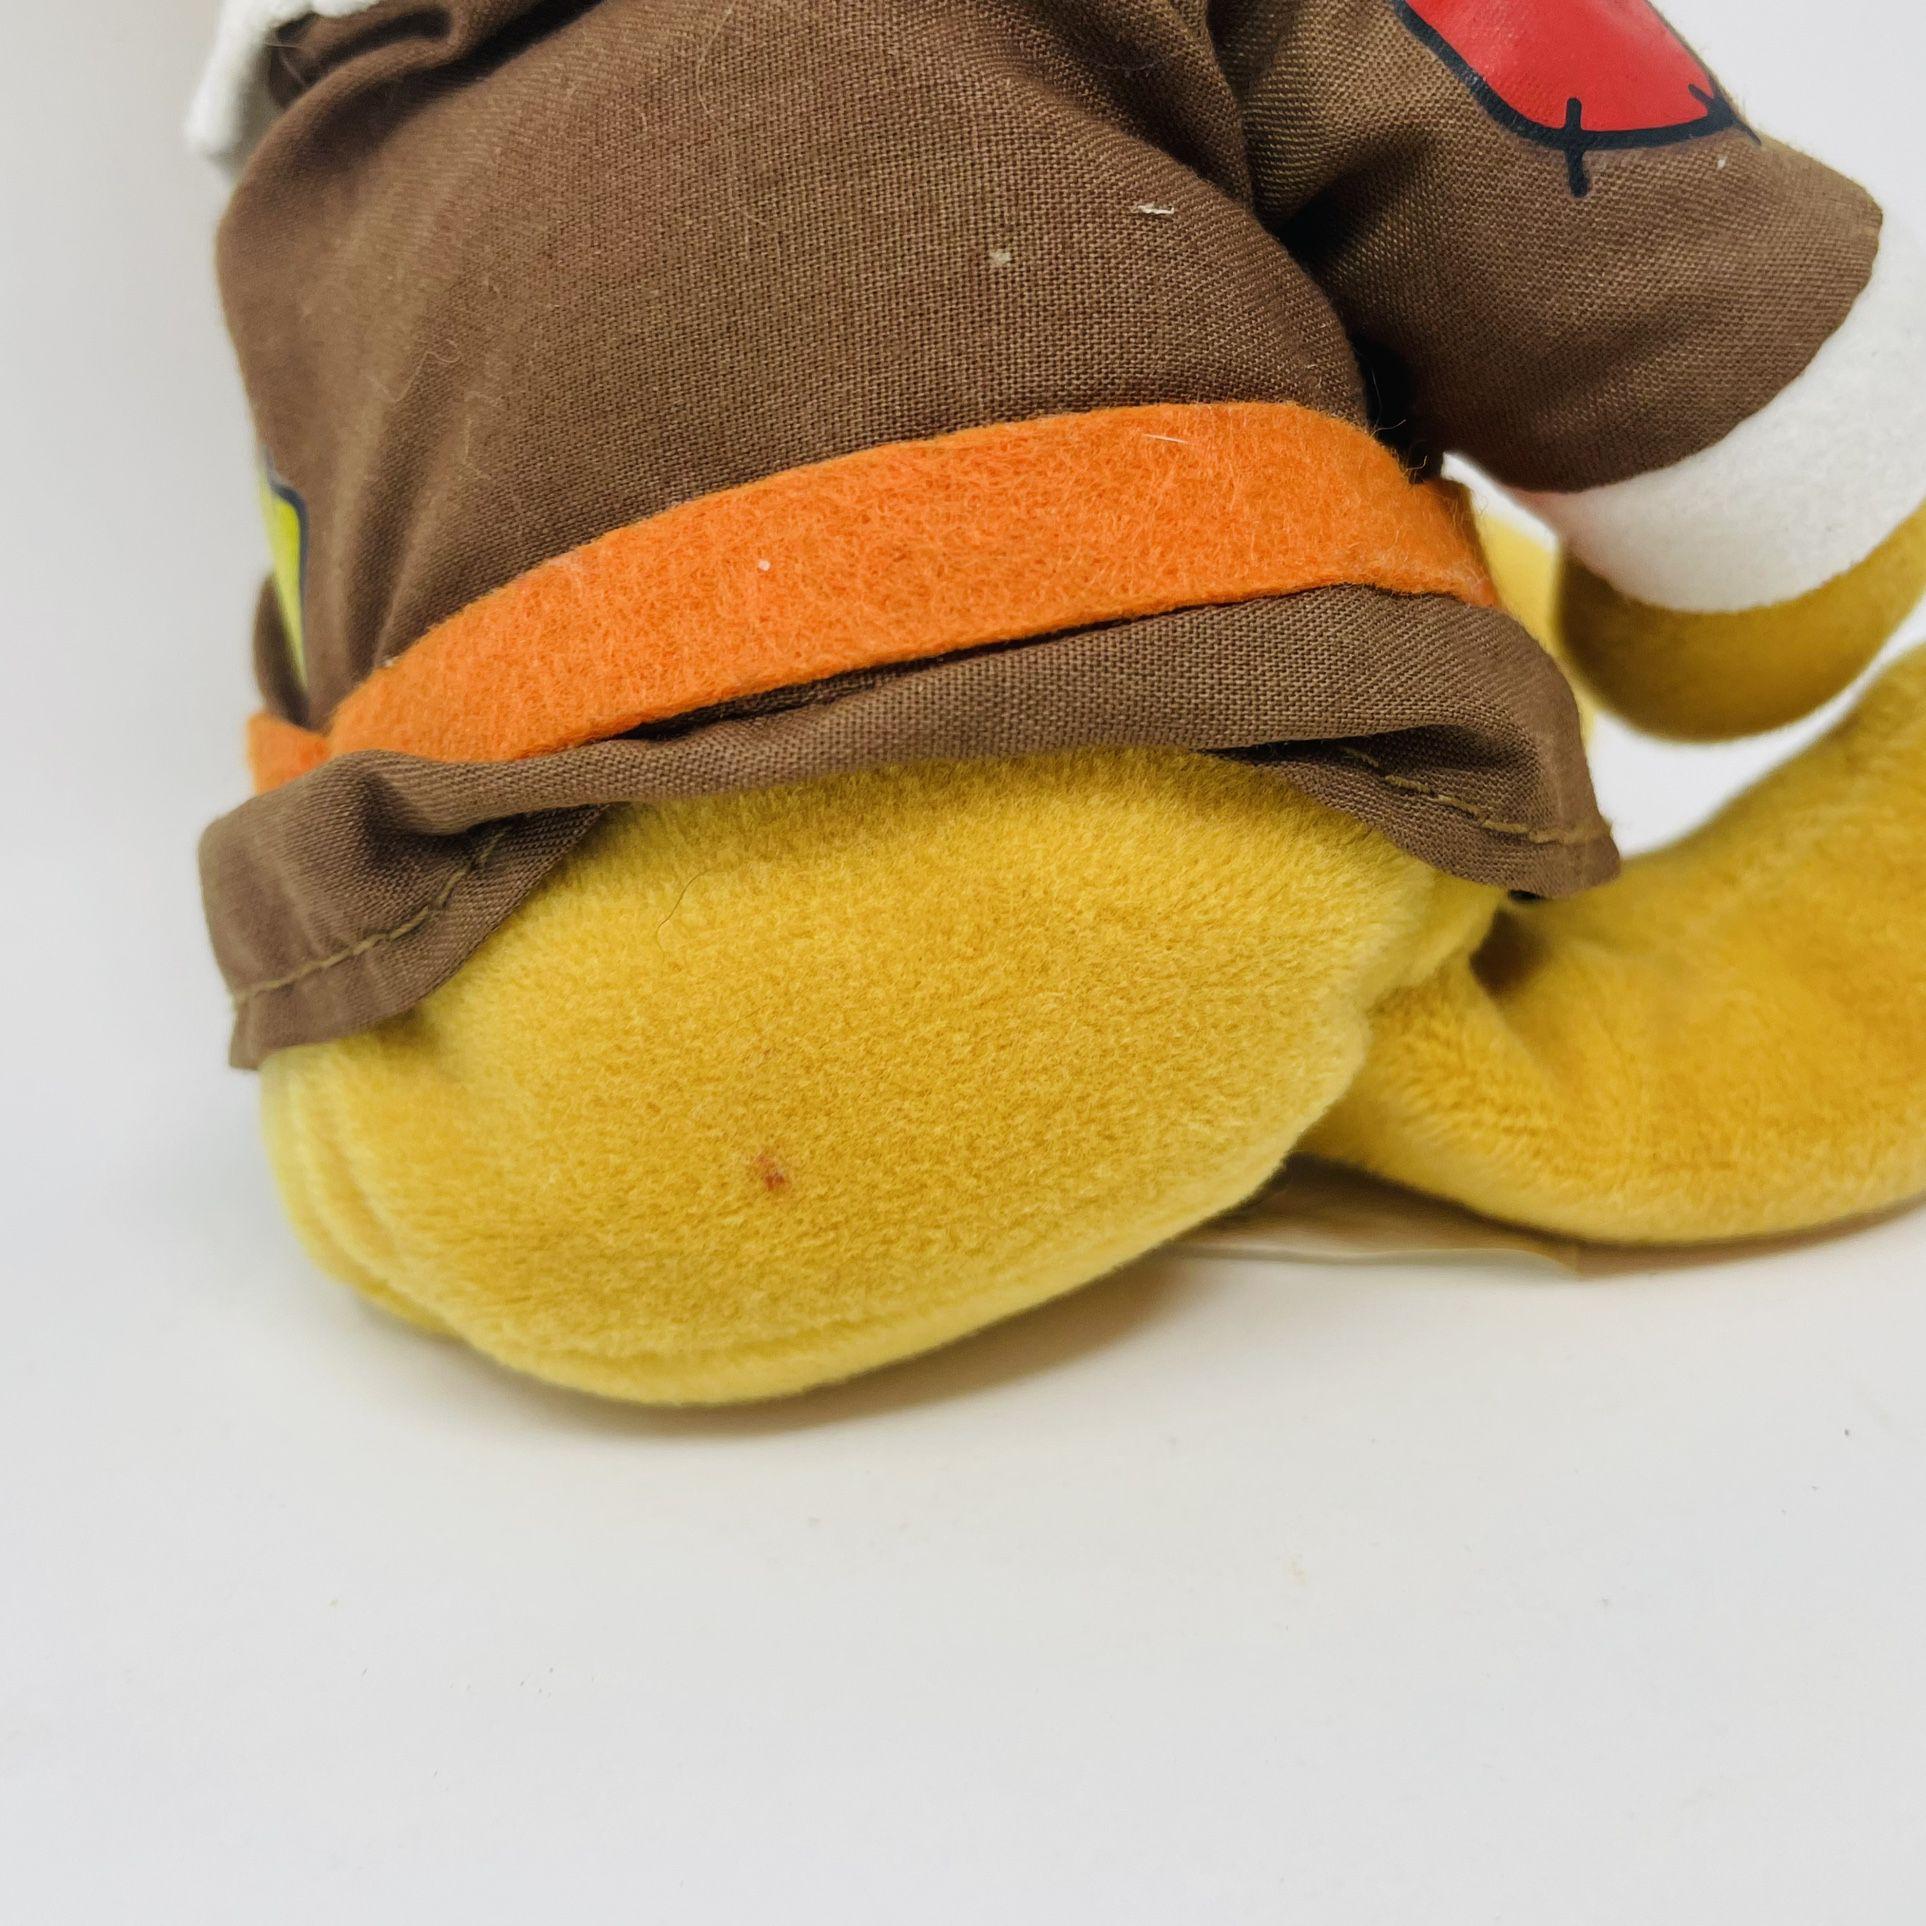 Disney Pilgram Pooh Bean Bag Plush